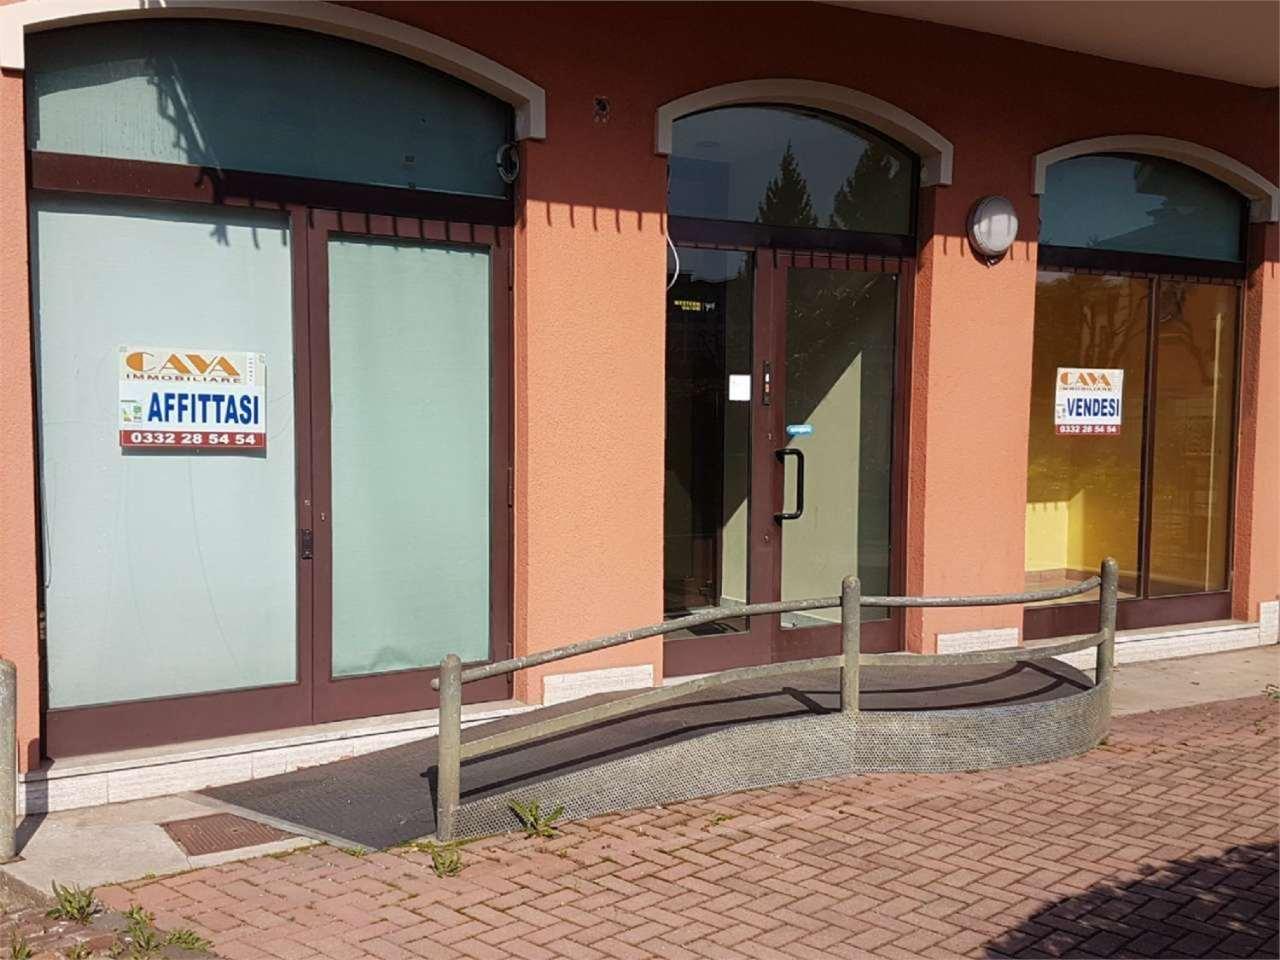 Capannone in vendita a Varese, 2 locali, prezzo € 390.000 | CambioCasa.it